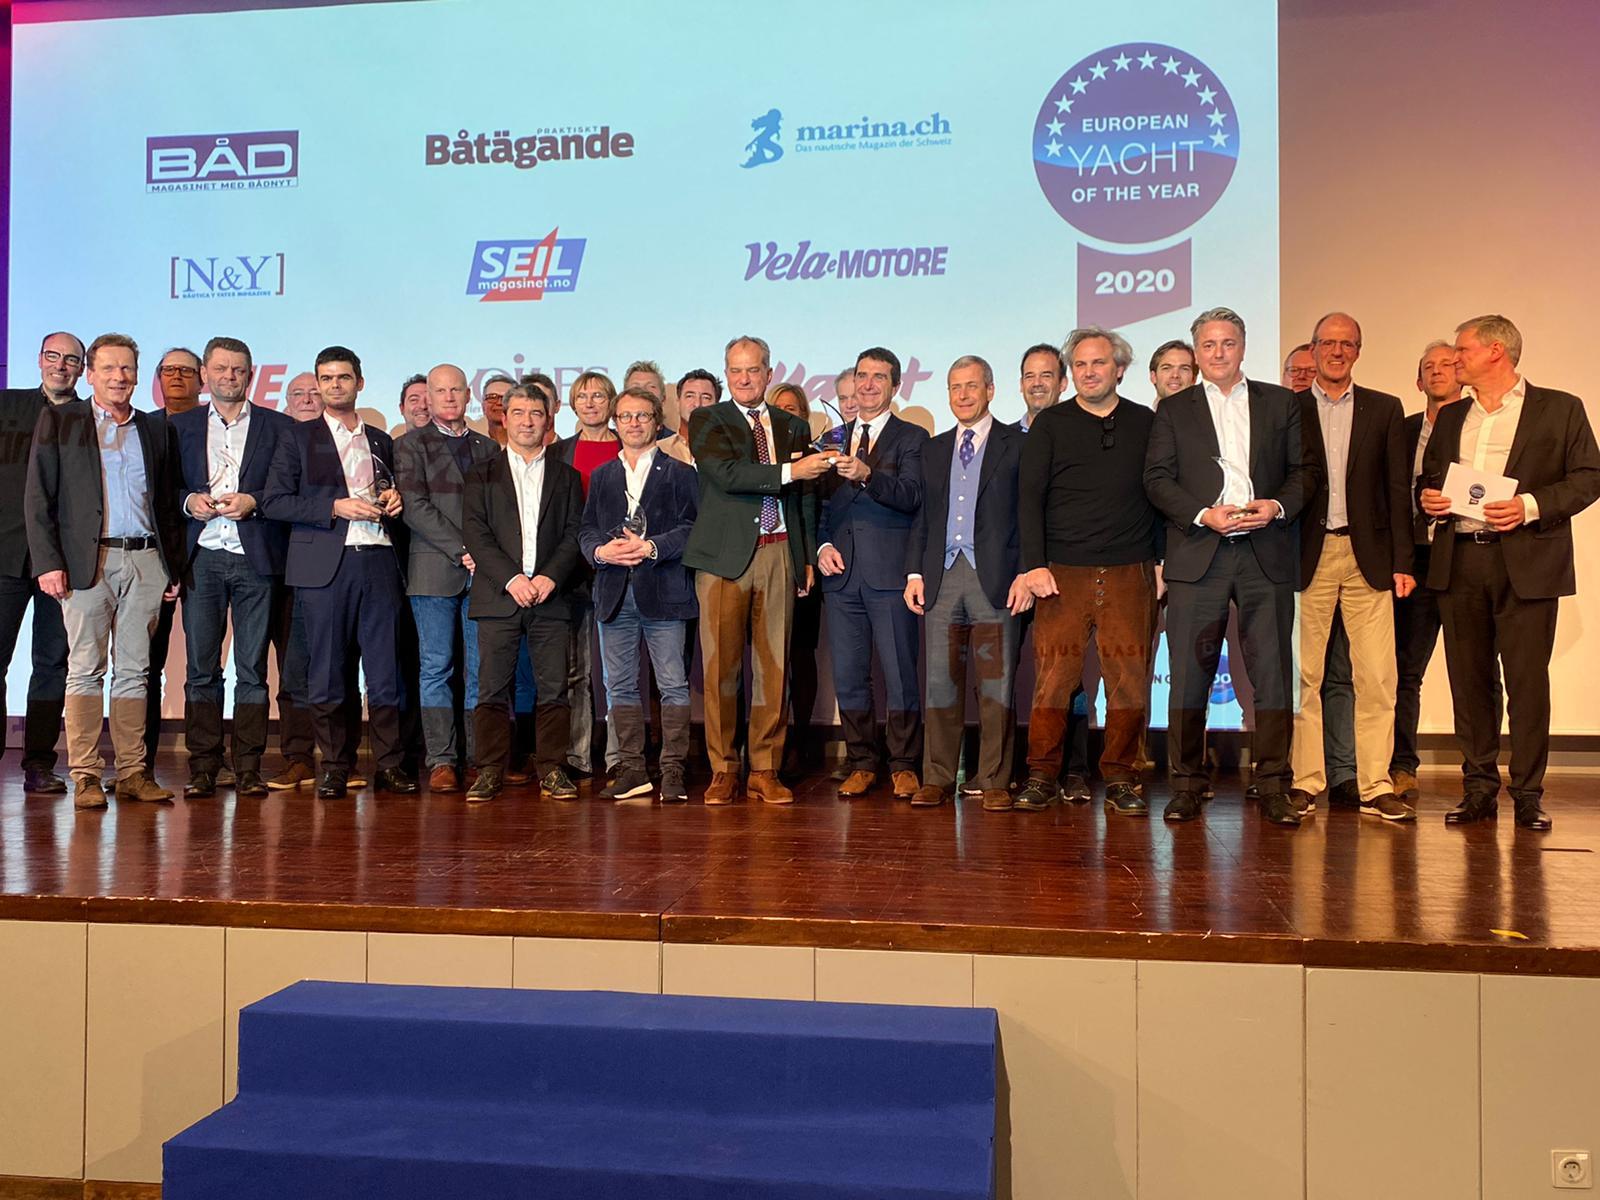 European Yacht of the Year 2020. Las 5 mejores apuestas del año